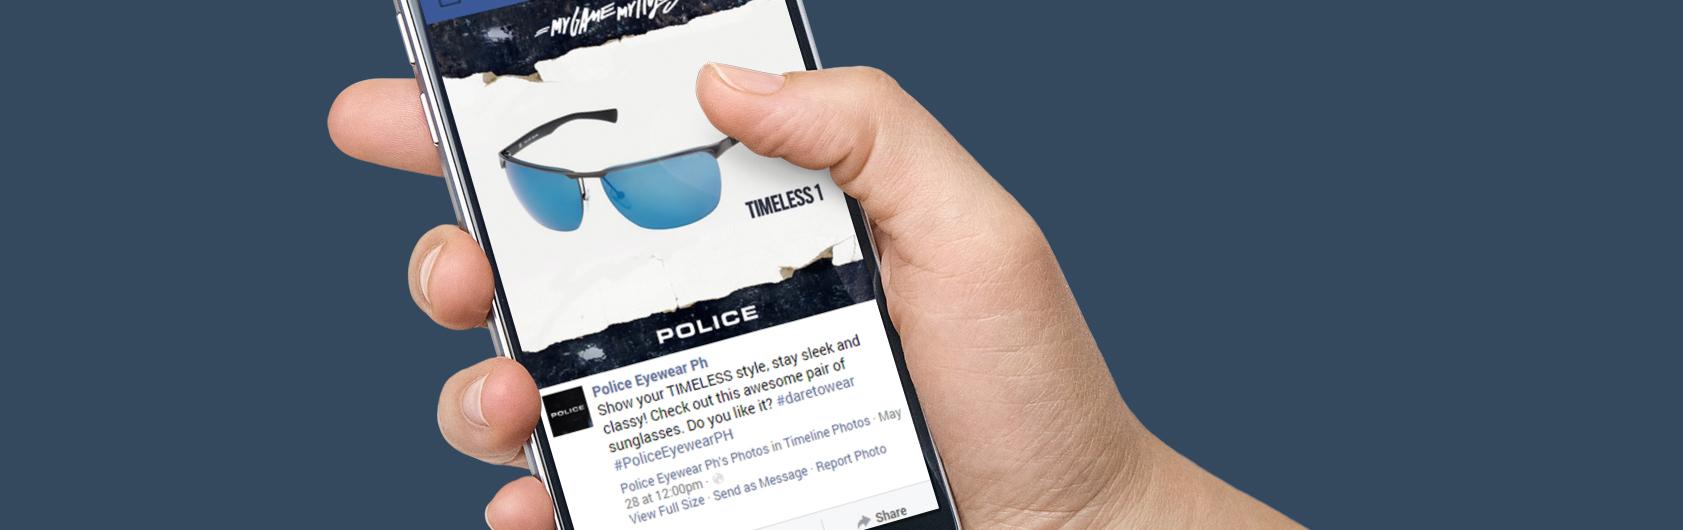 Police_5.jpg